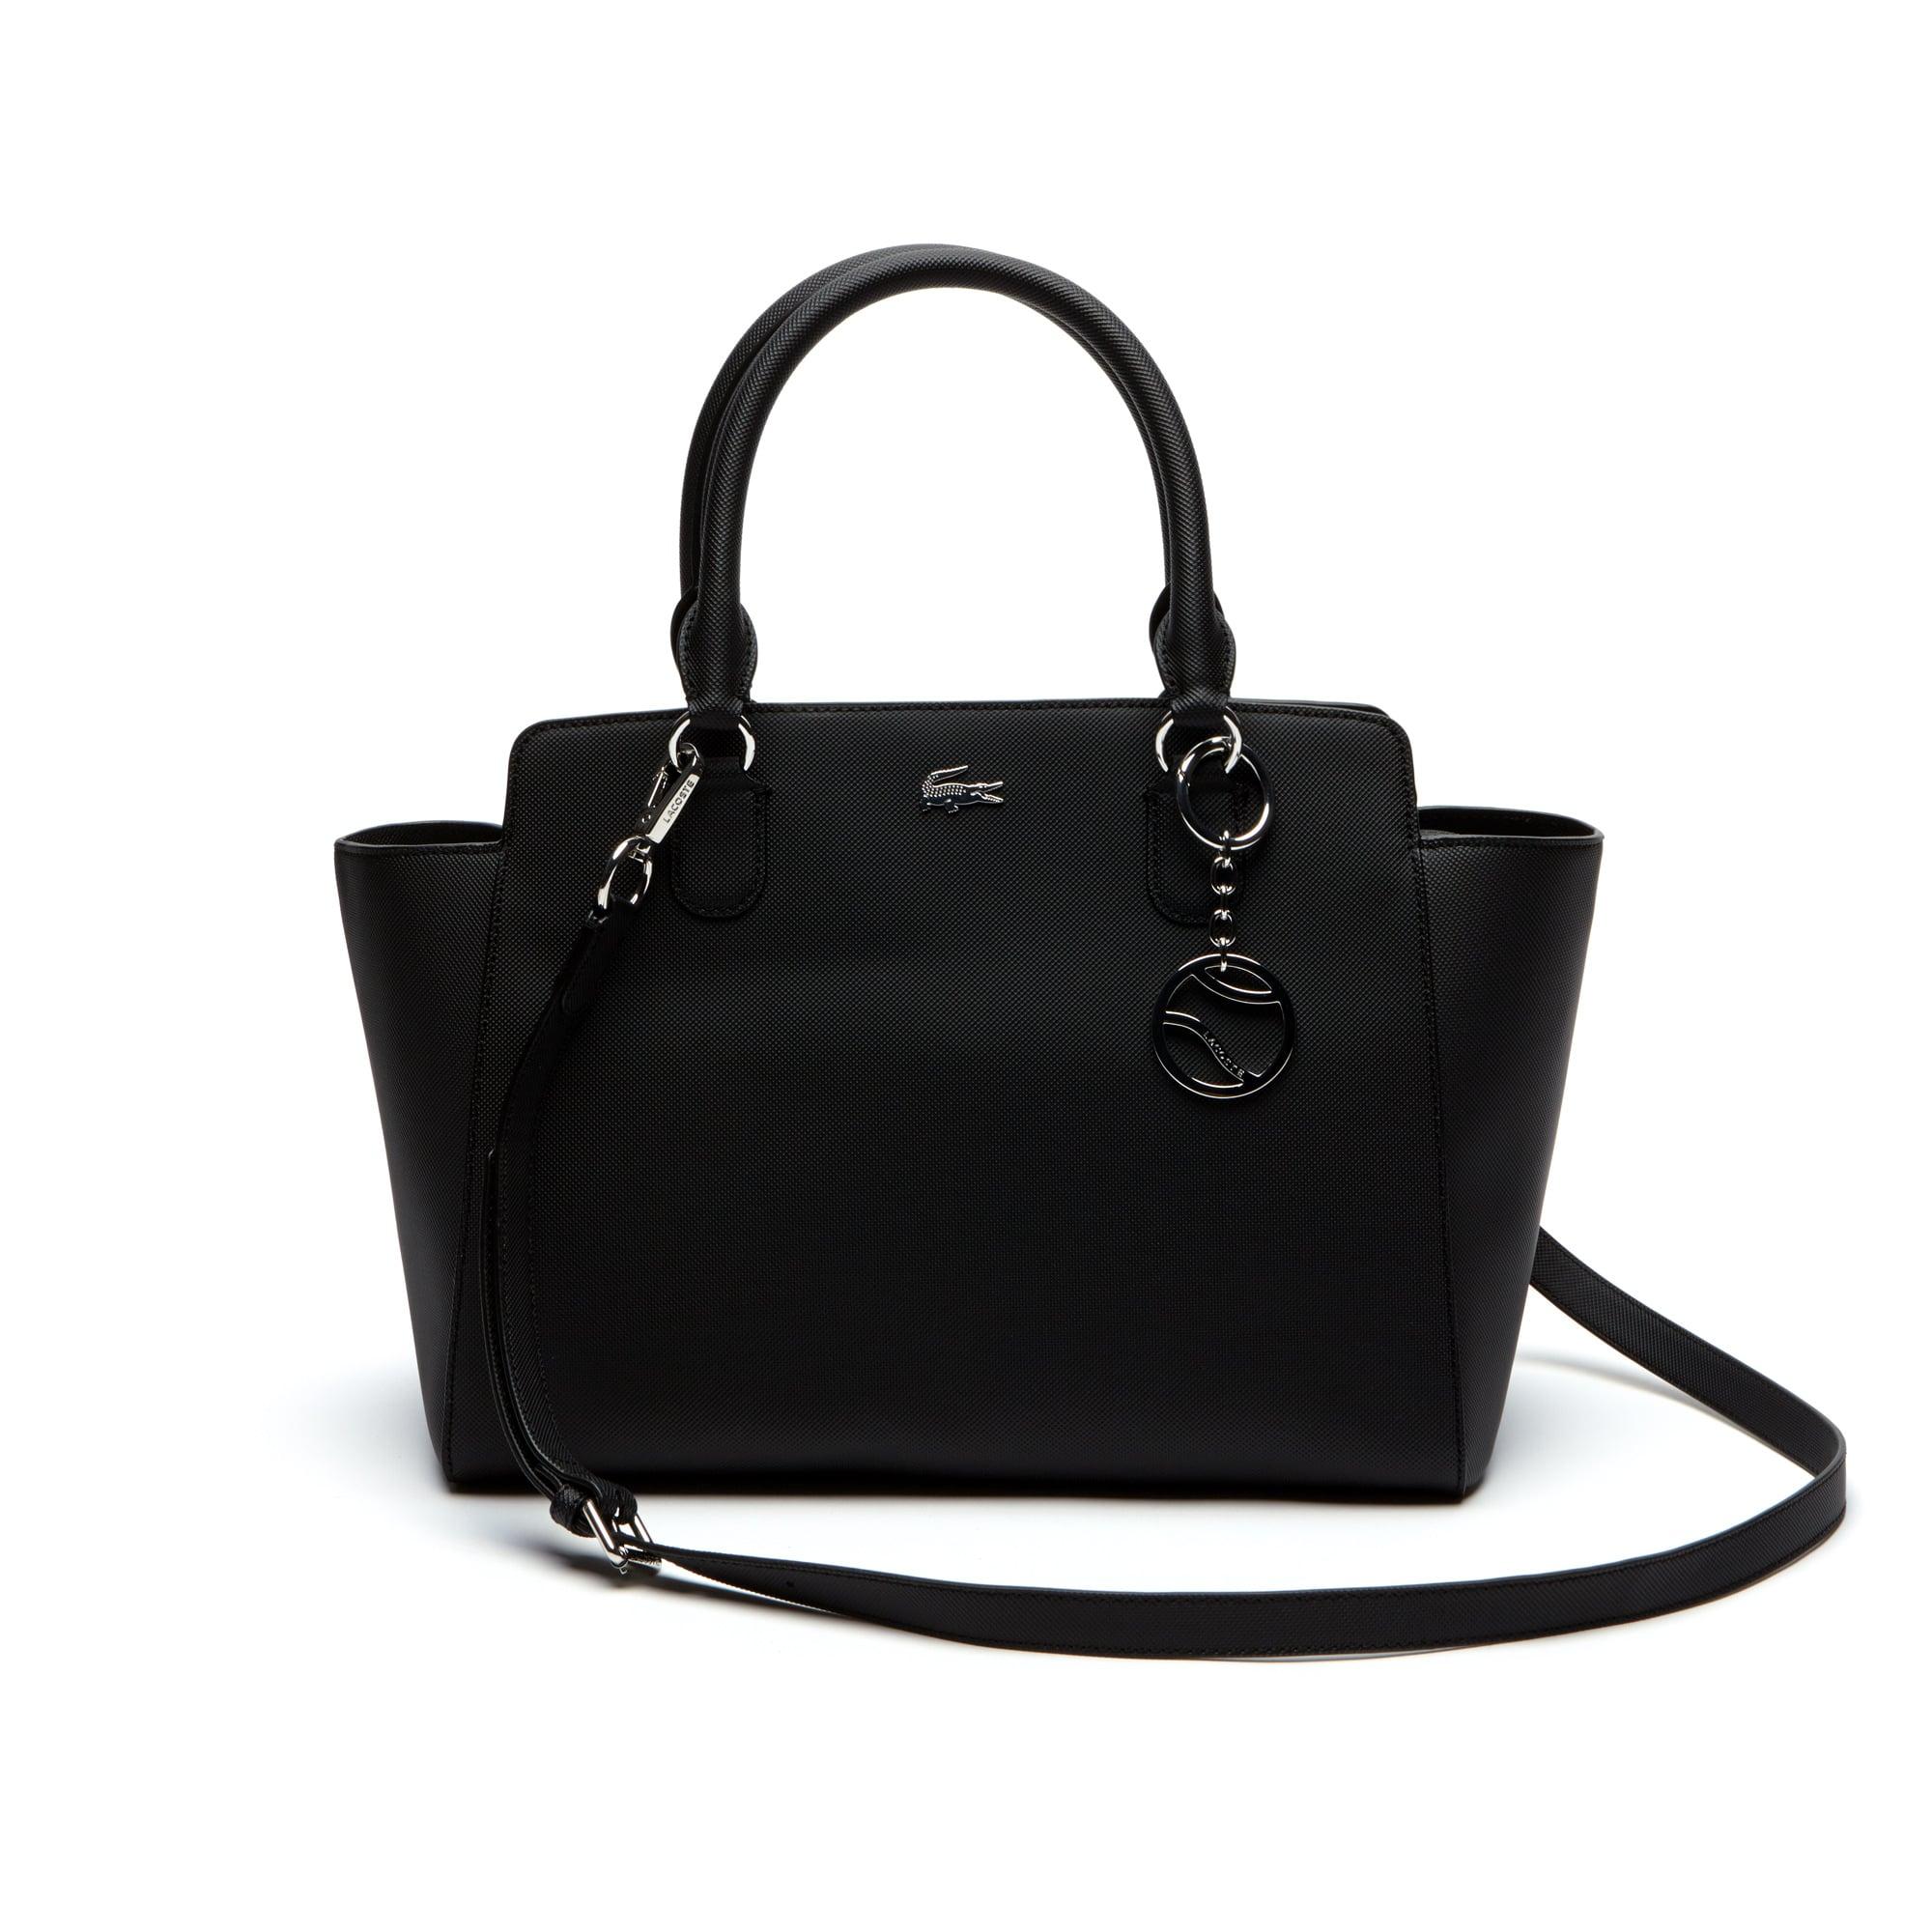 Damen-Tote-Bag DAILY CLASSIC aus beschichtetem Piqué-Canvas